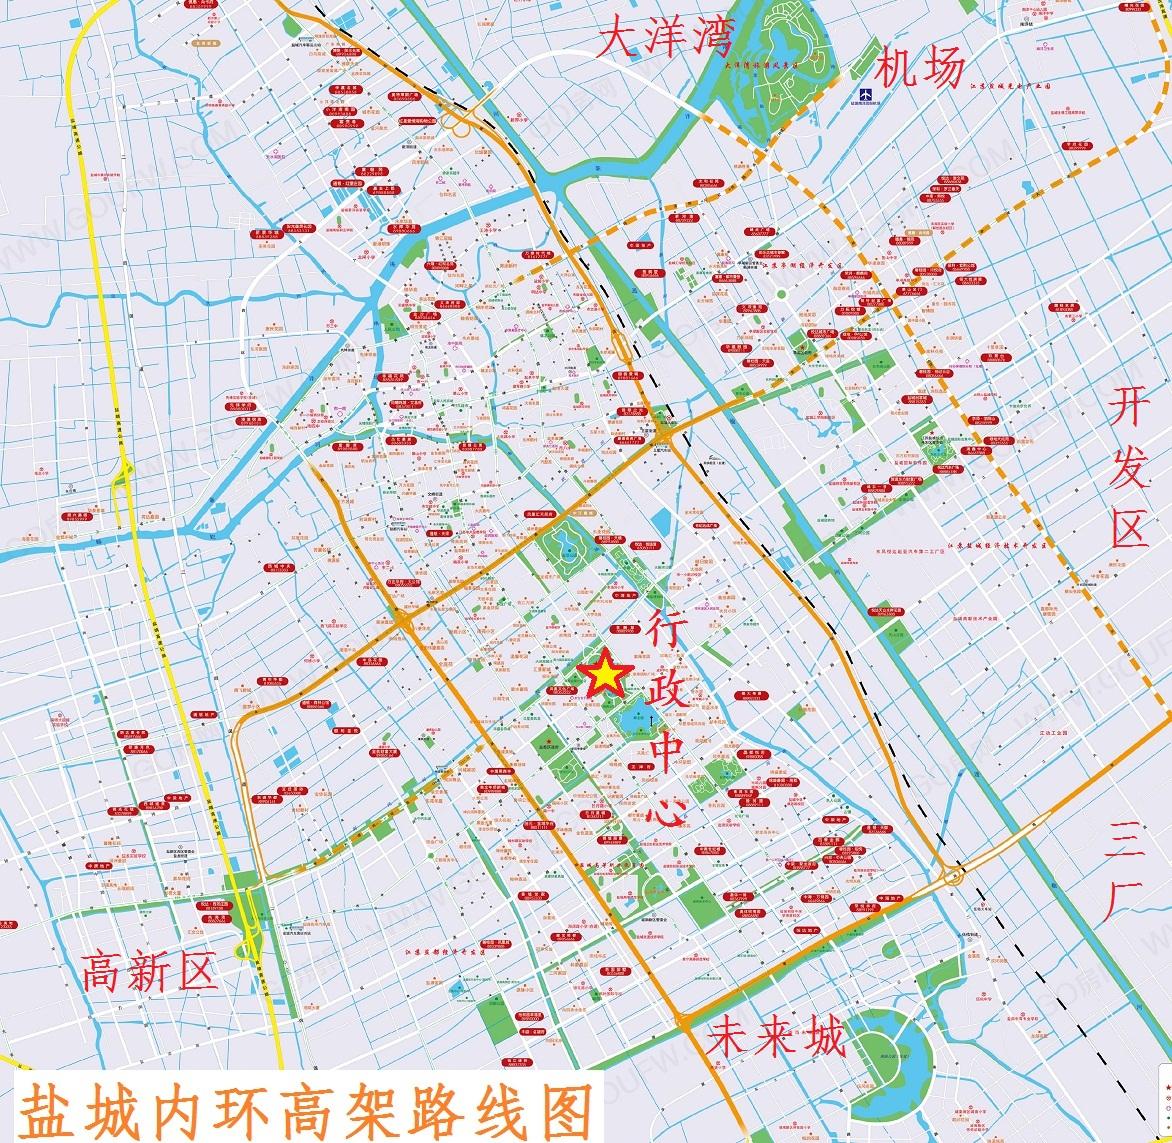 市区内环高架路线图本.jpg